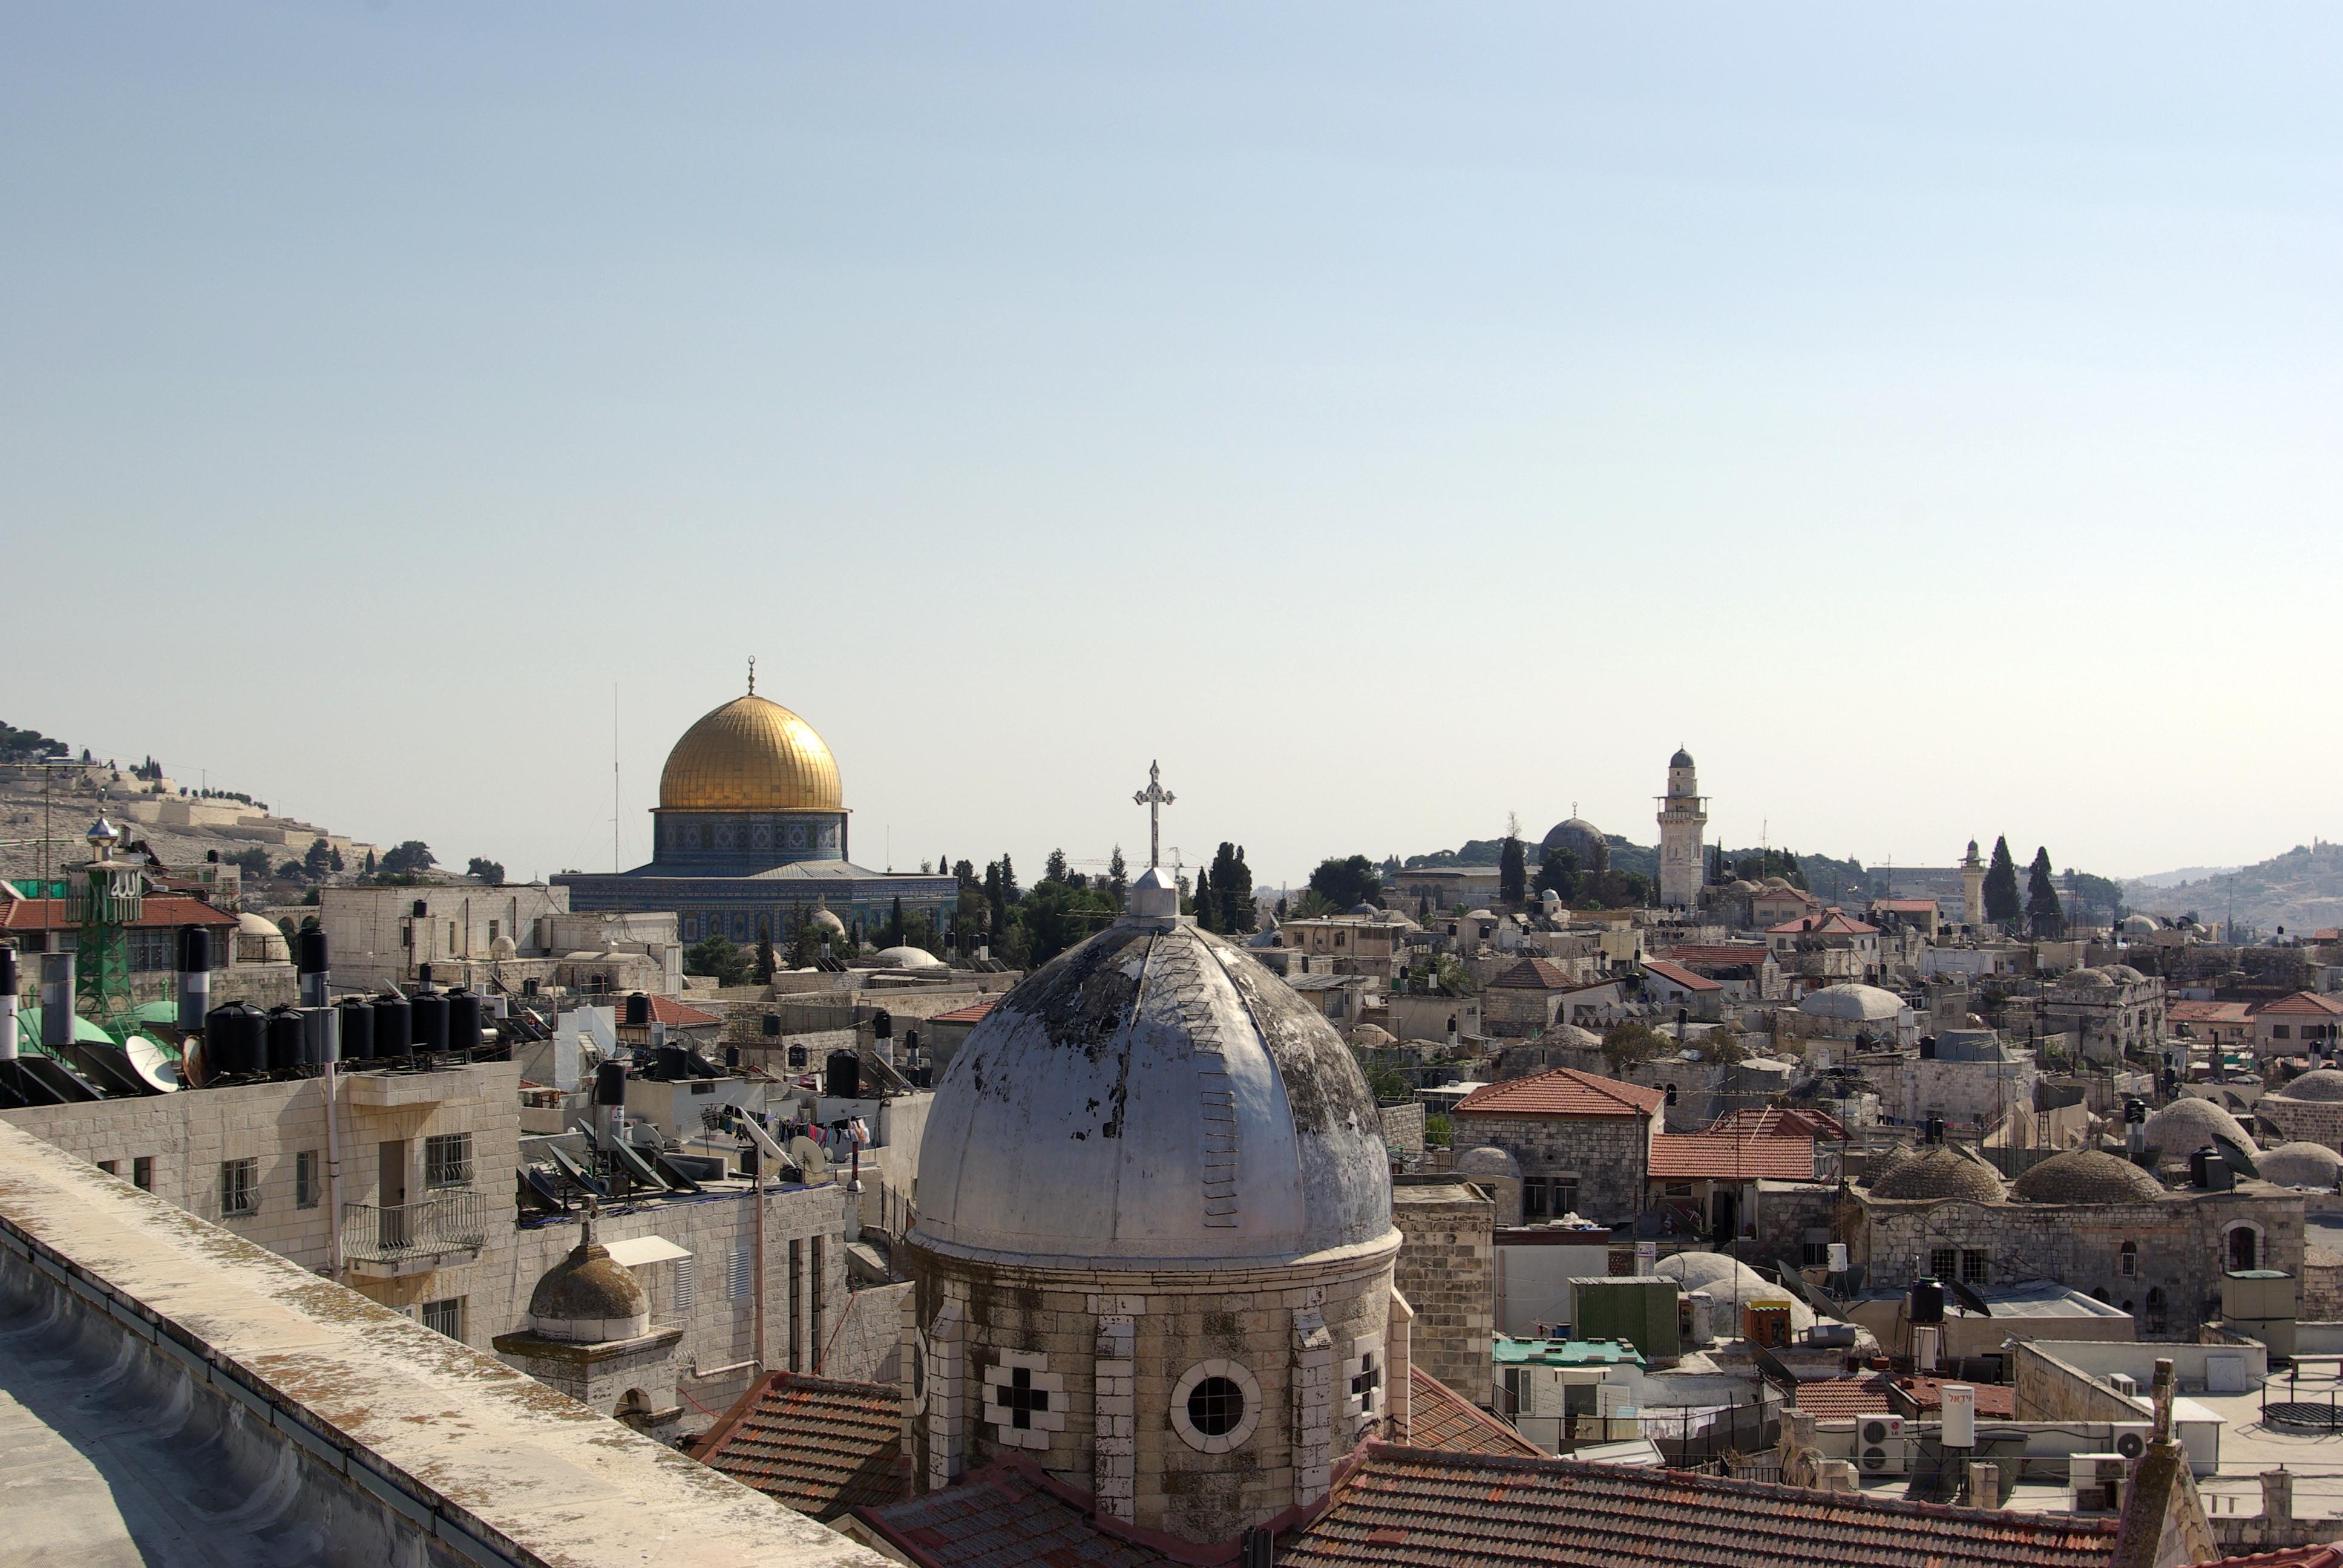 وما الذي يجري في كل جزء من أرض فلسطين؟ وأين هم العرب؟ وأين هم المسلمون من  كل هذه الجرائم التي تُرتكب دون أي اعتبار لمكانة الإنسان، أو حتى لمكانة  المقدسات ؟